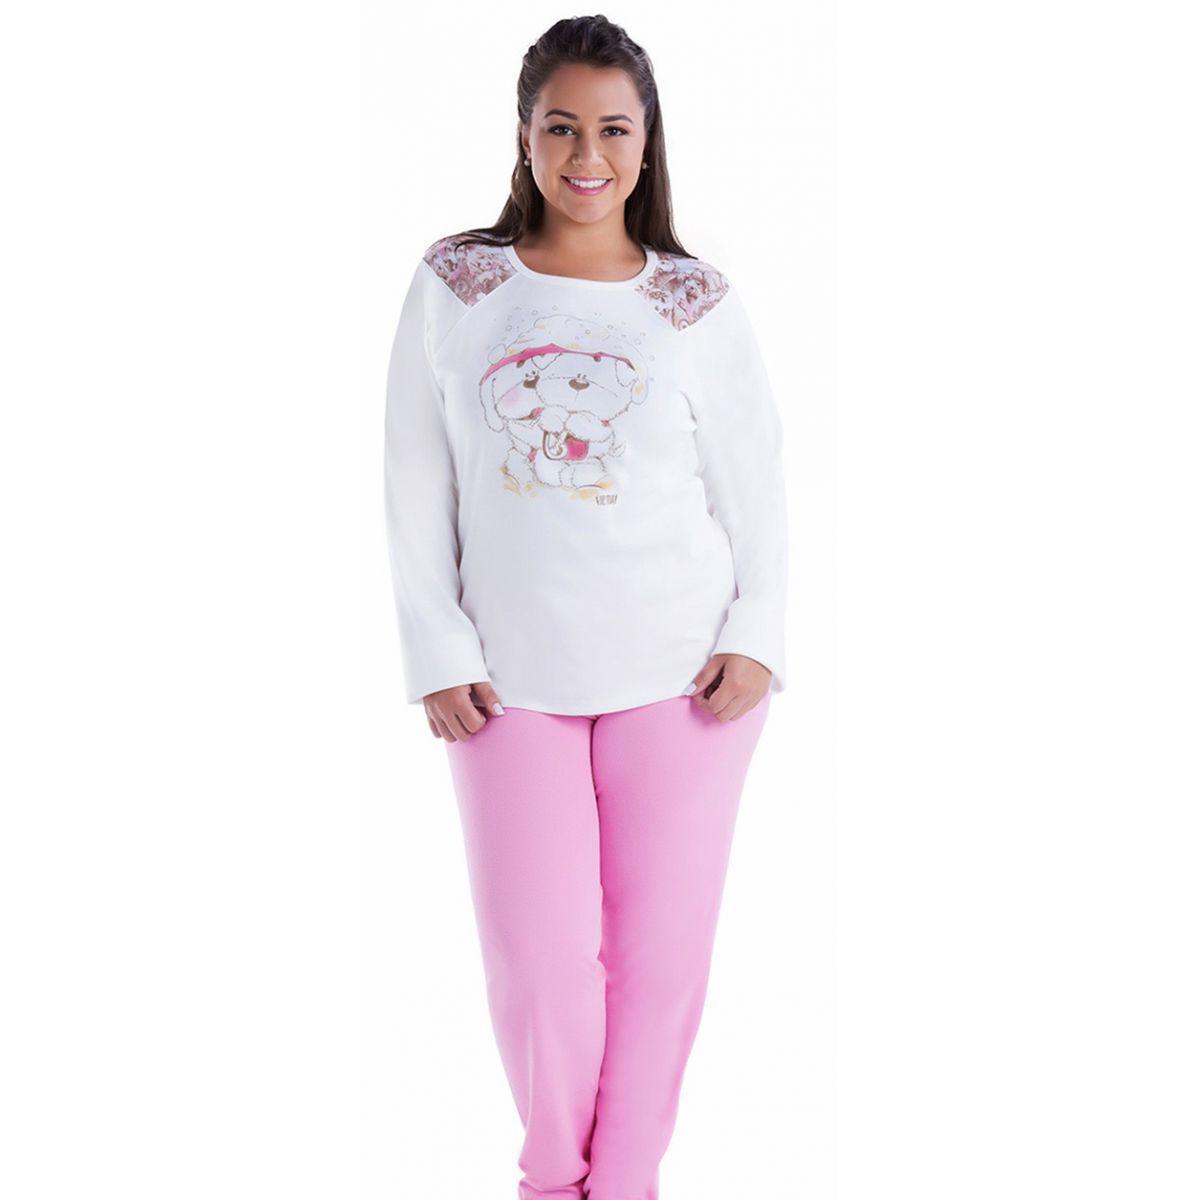 Pijama inverno feminino Plus Size - Victory 17129